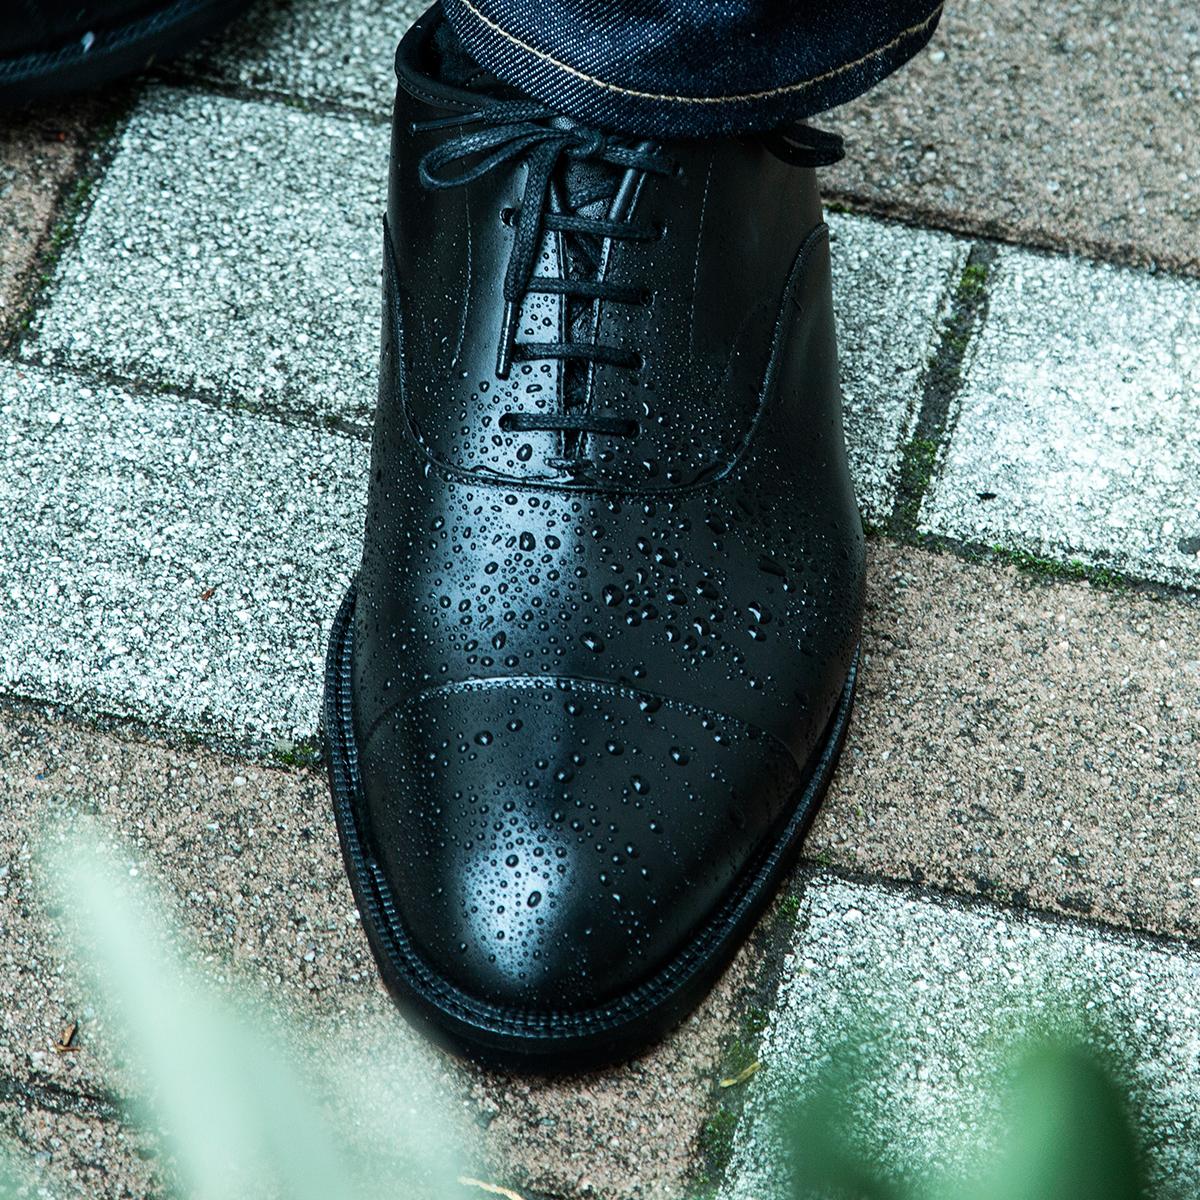 水たまりに足を入れてしまっても、雨の中を長時間歩いても、靴底から水が染み込むことはない上質な「レインシューズ」|三陽山長